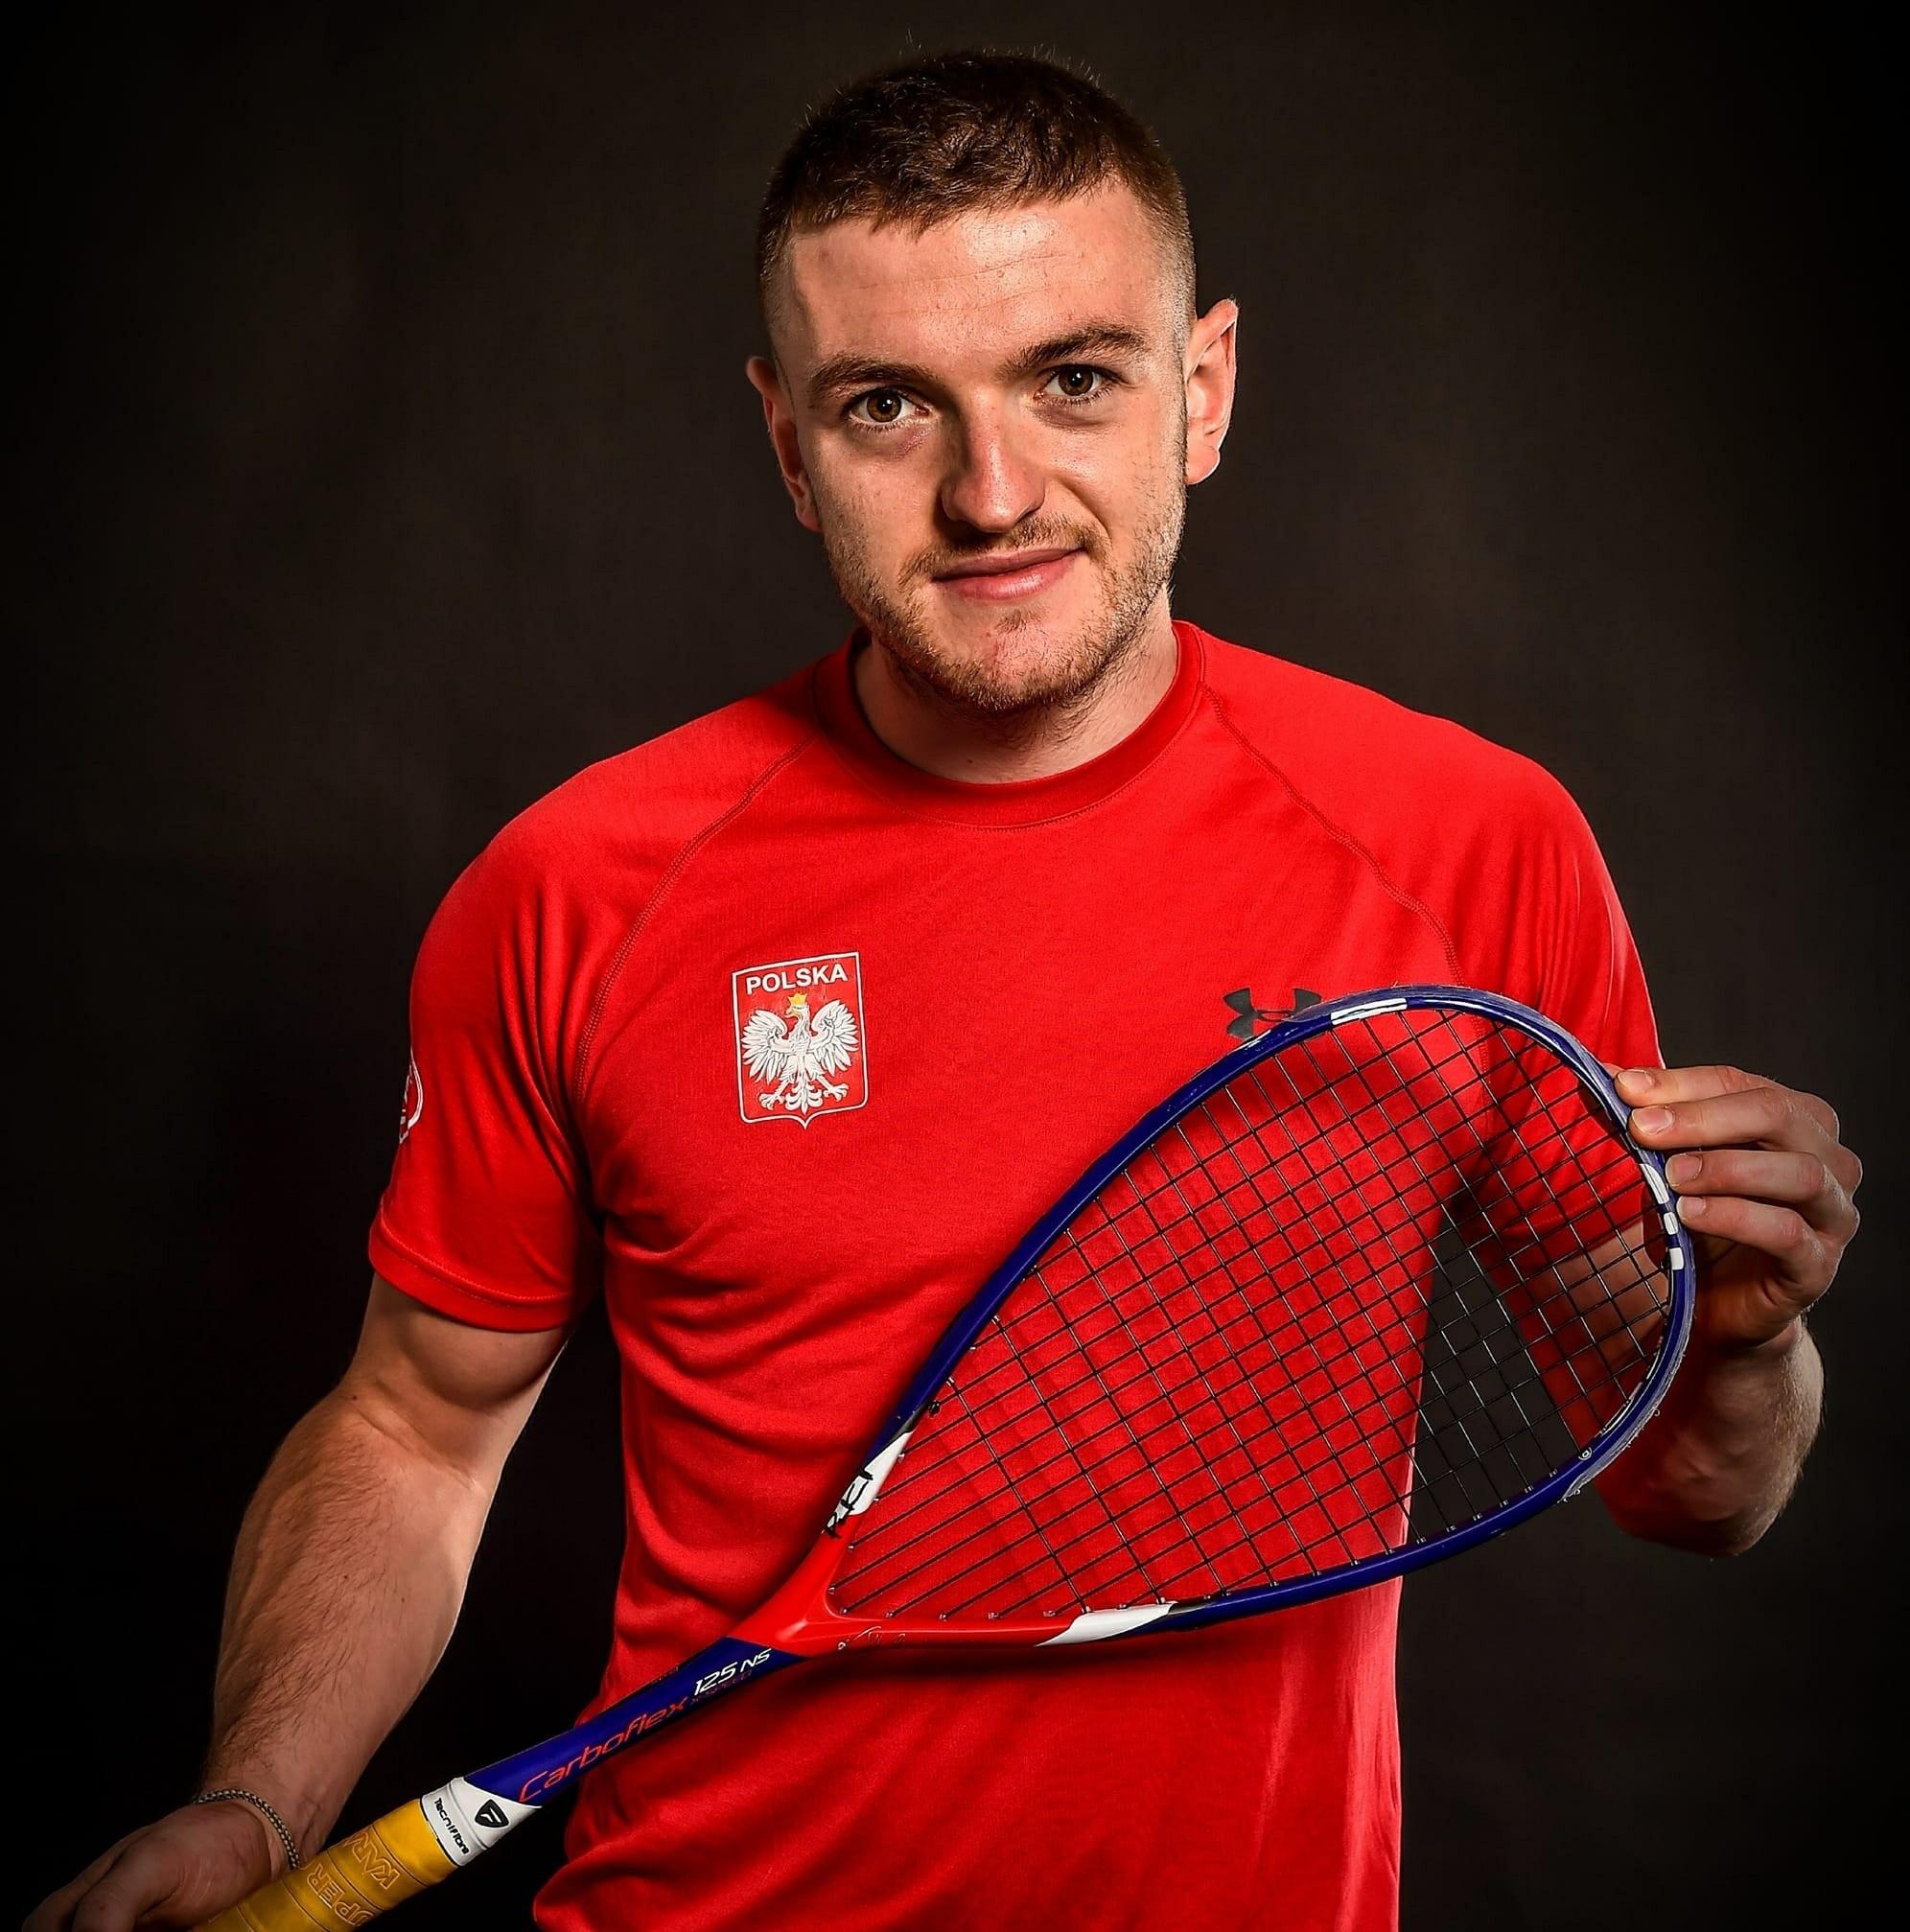 Adam Pełczyński squash